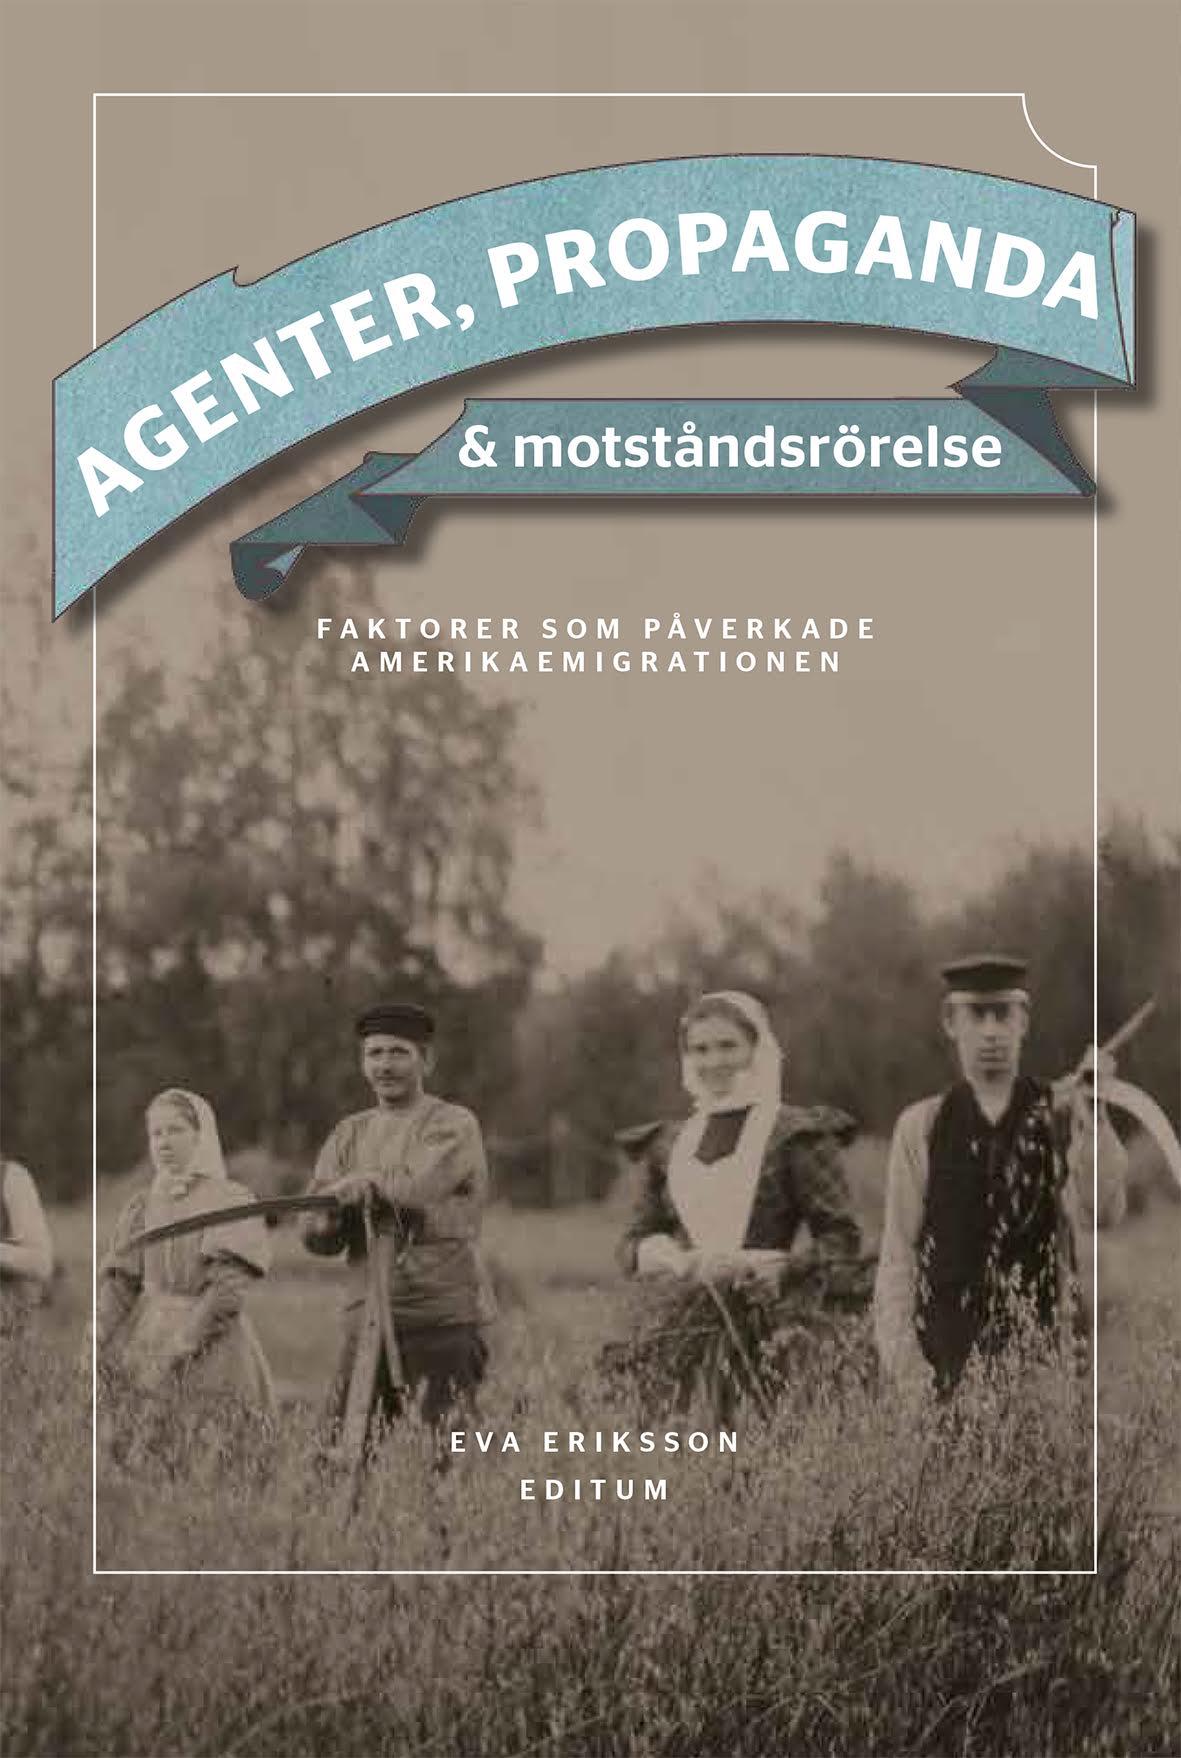 Agenter, propaganda & motståndsrörelse : faktorer som påverkade Amerikaemigrationen av Eva Eriksson